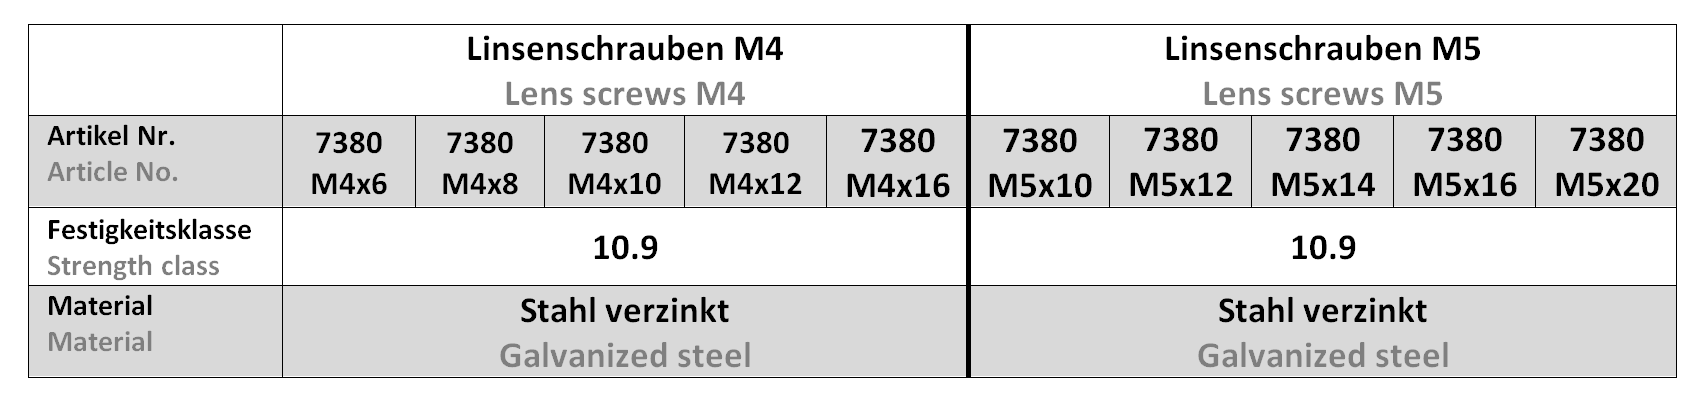 Linsenschrauben M4 M5 - 7380 Tabelle